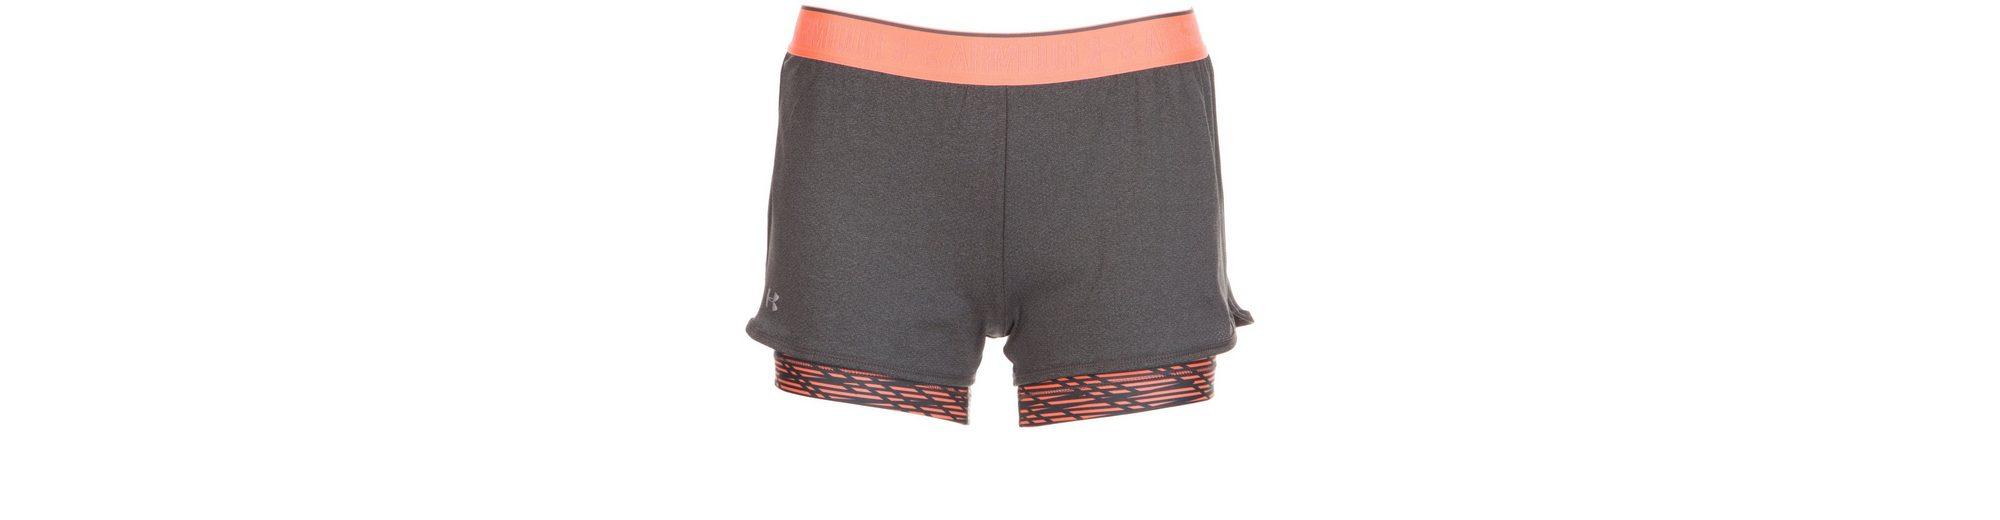 Under Armour® 2-in-1-Shorts Heatgear 2-in-1 Print Ebay Niedriger Preis Zu Verkaufen Billig Authentische EB3d3w96G